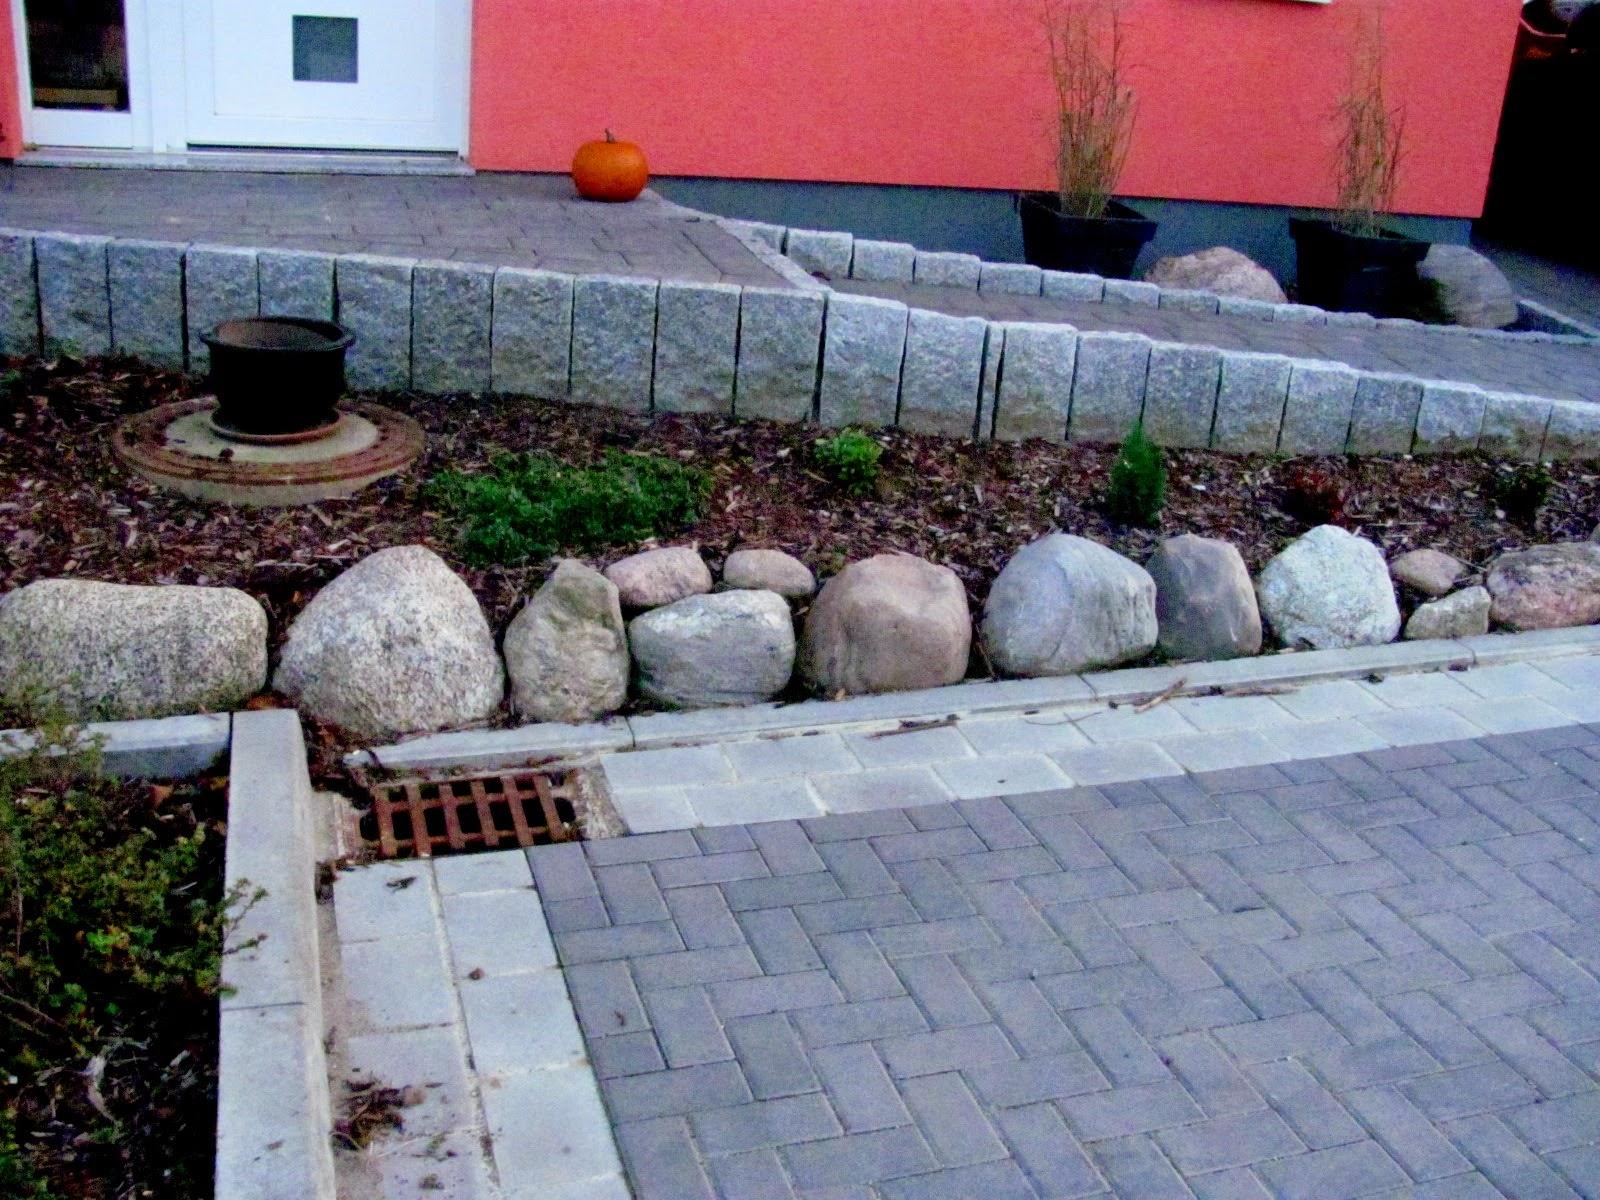 Unbearbeitete natursteine als grundst cksbegrenzung und dekoration garten anders bloglovin - Gartengestaltung ideen mit natursteinen ...